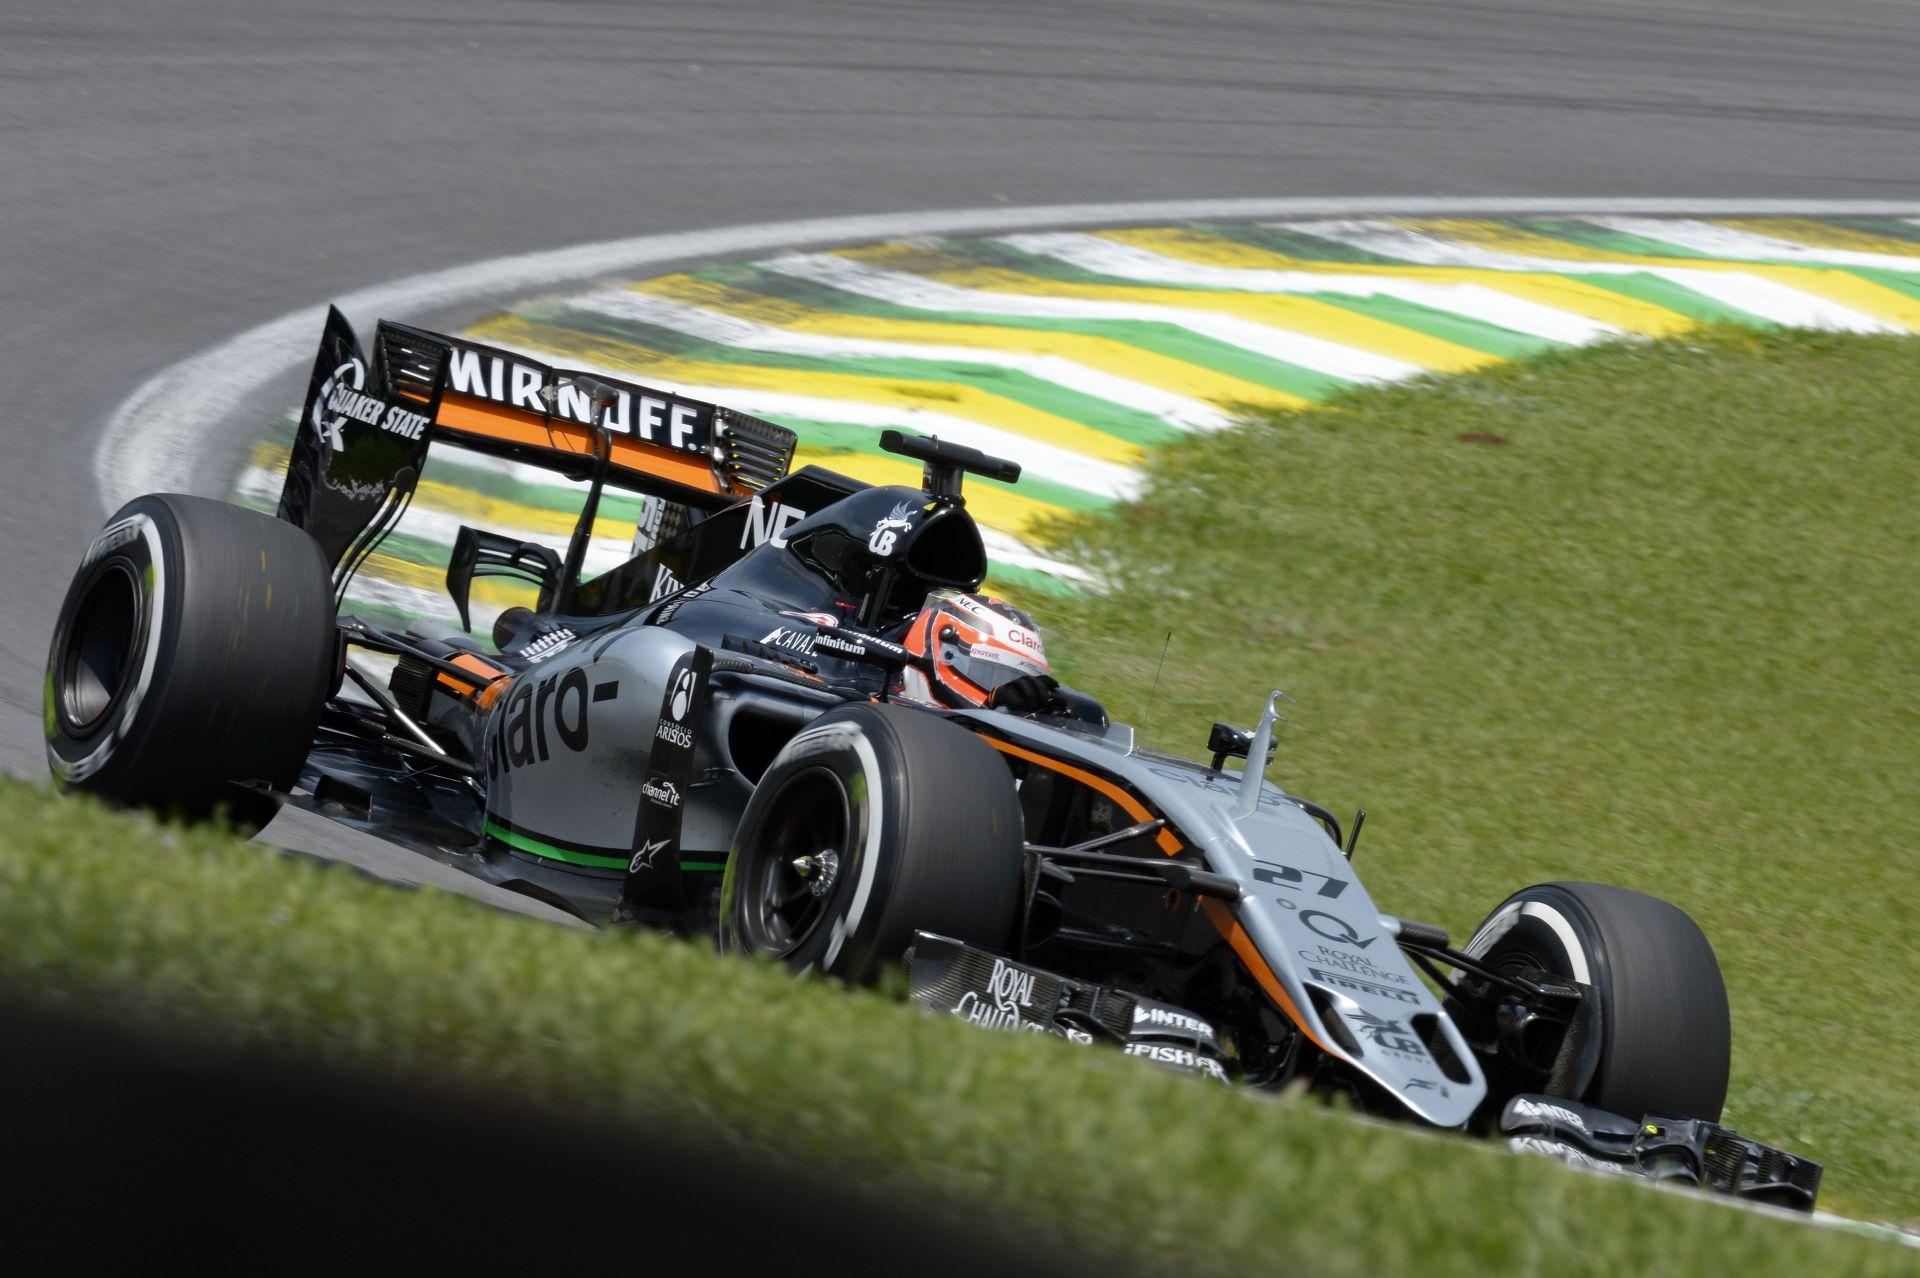 GP-live jósda, 2016: Force India – Maradnak a csúcson vagy ismét beleszürkülnek a mezőnybe?